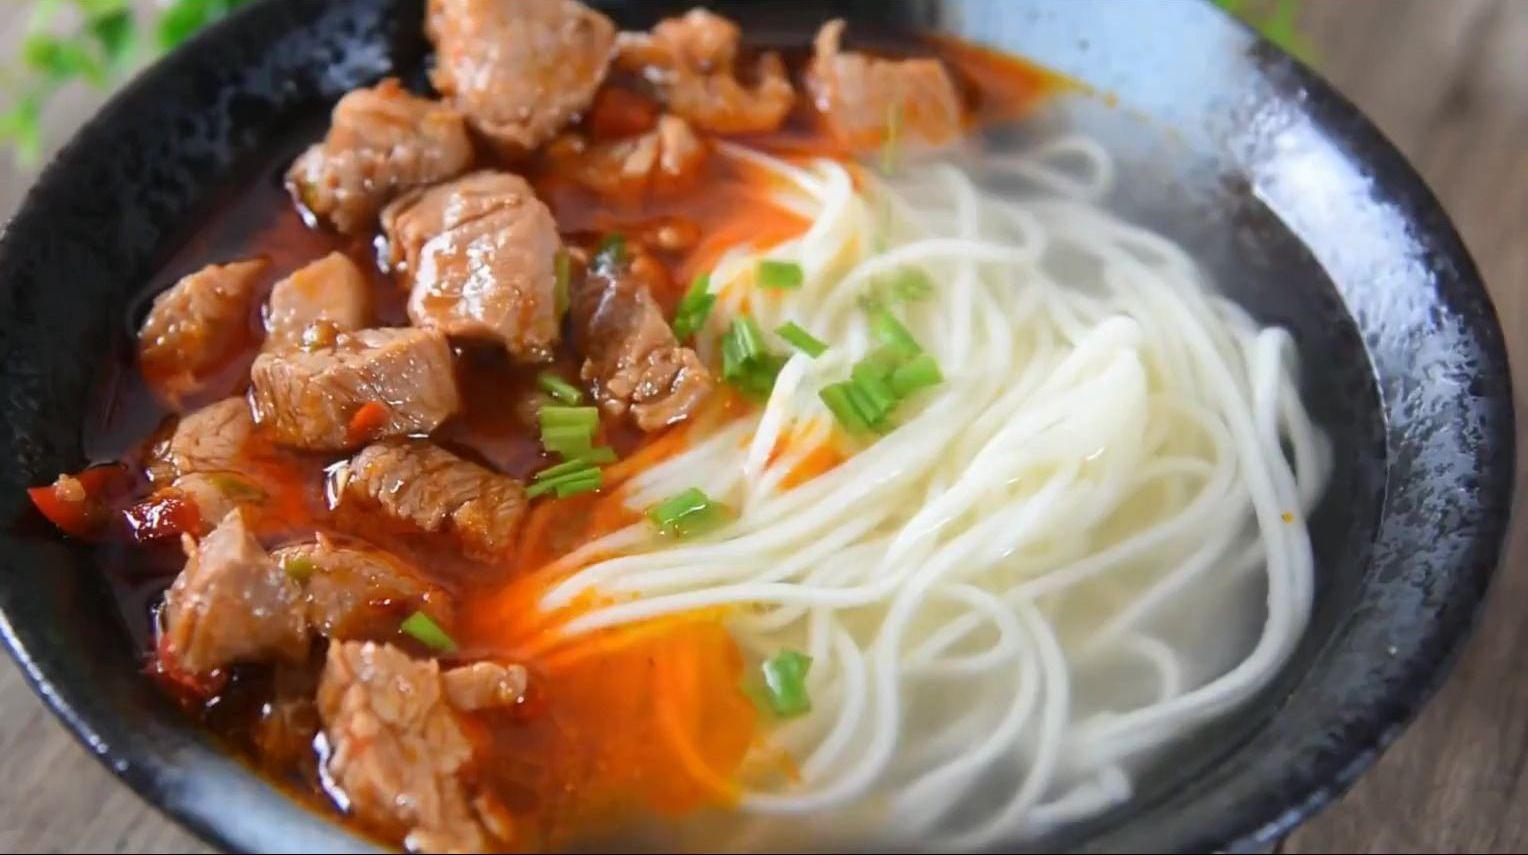 上海传统美食小吃:老上海辣肉面,吃过一次后总让人牵肠挂肚!